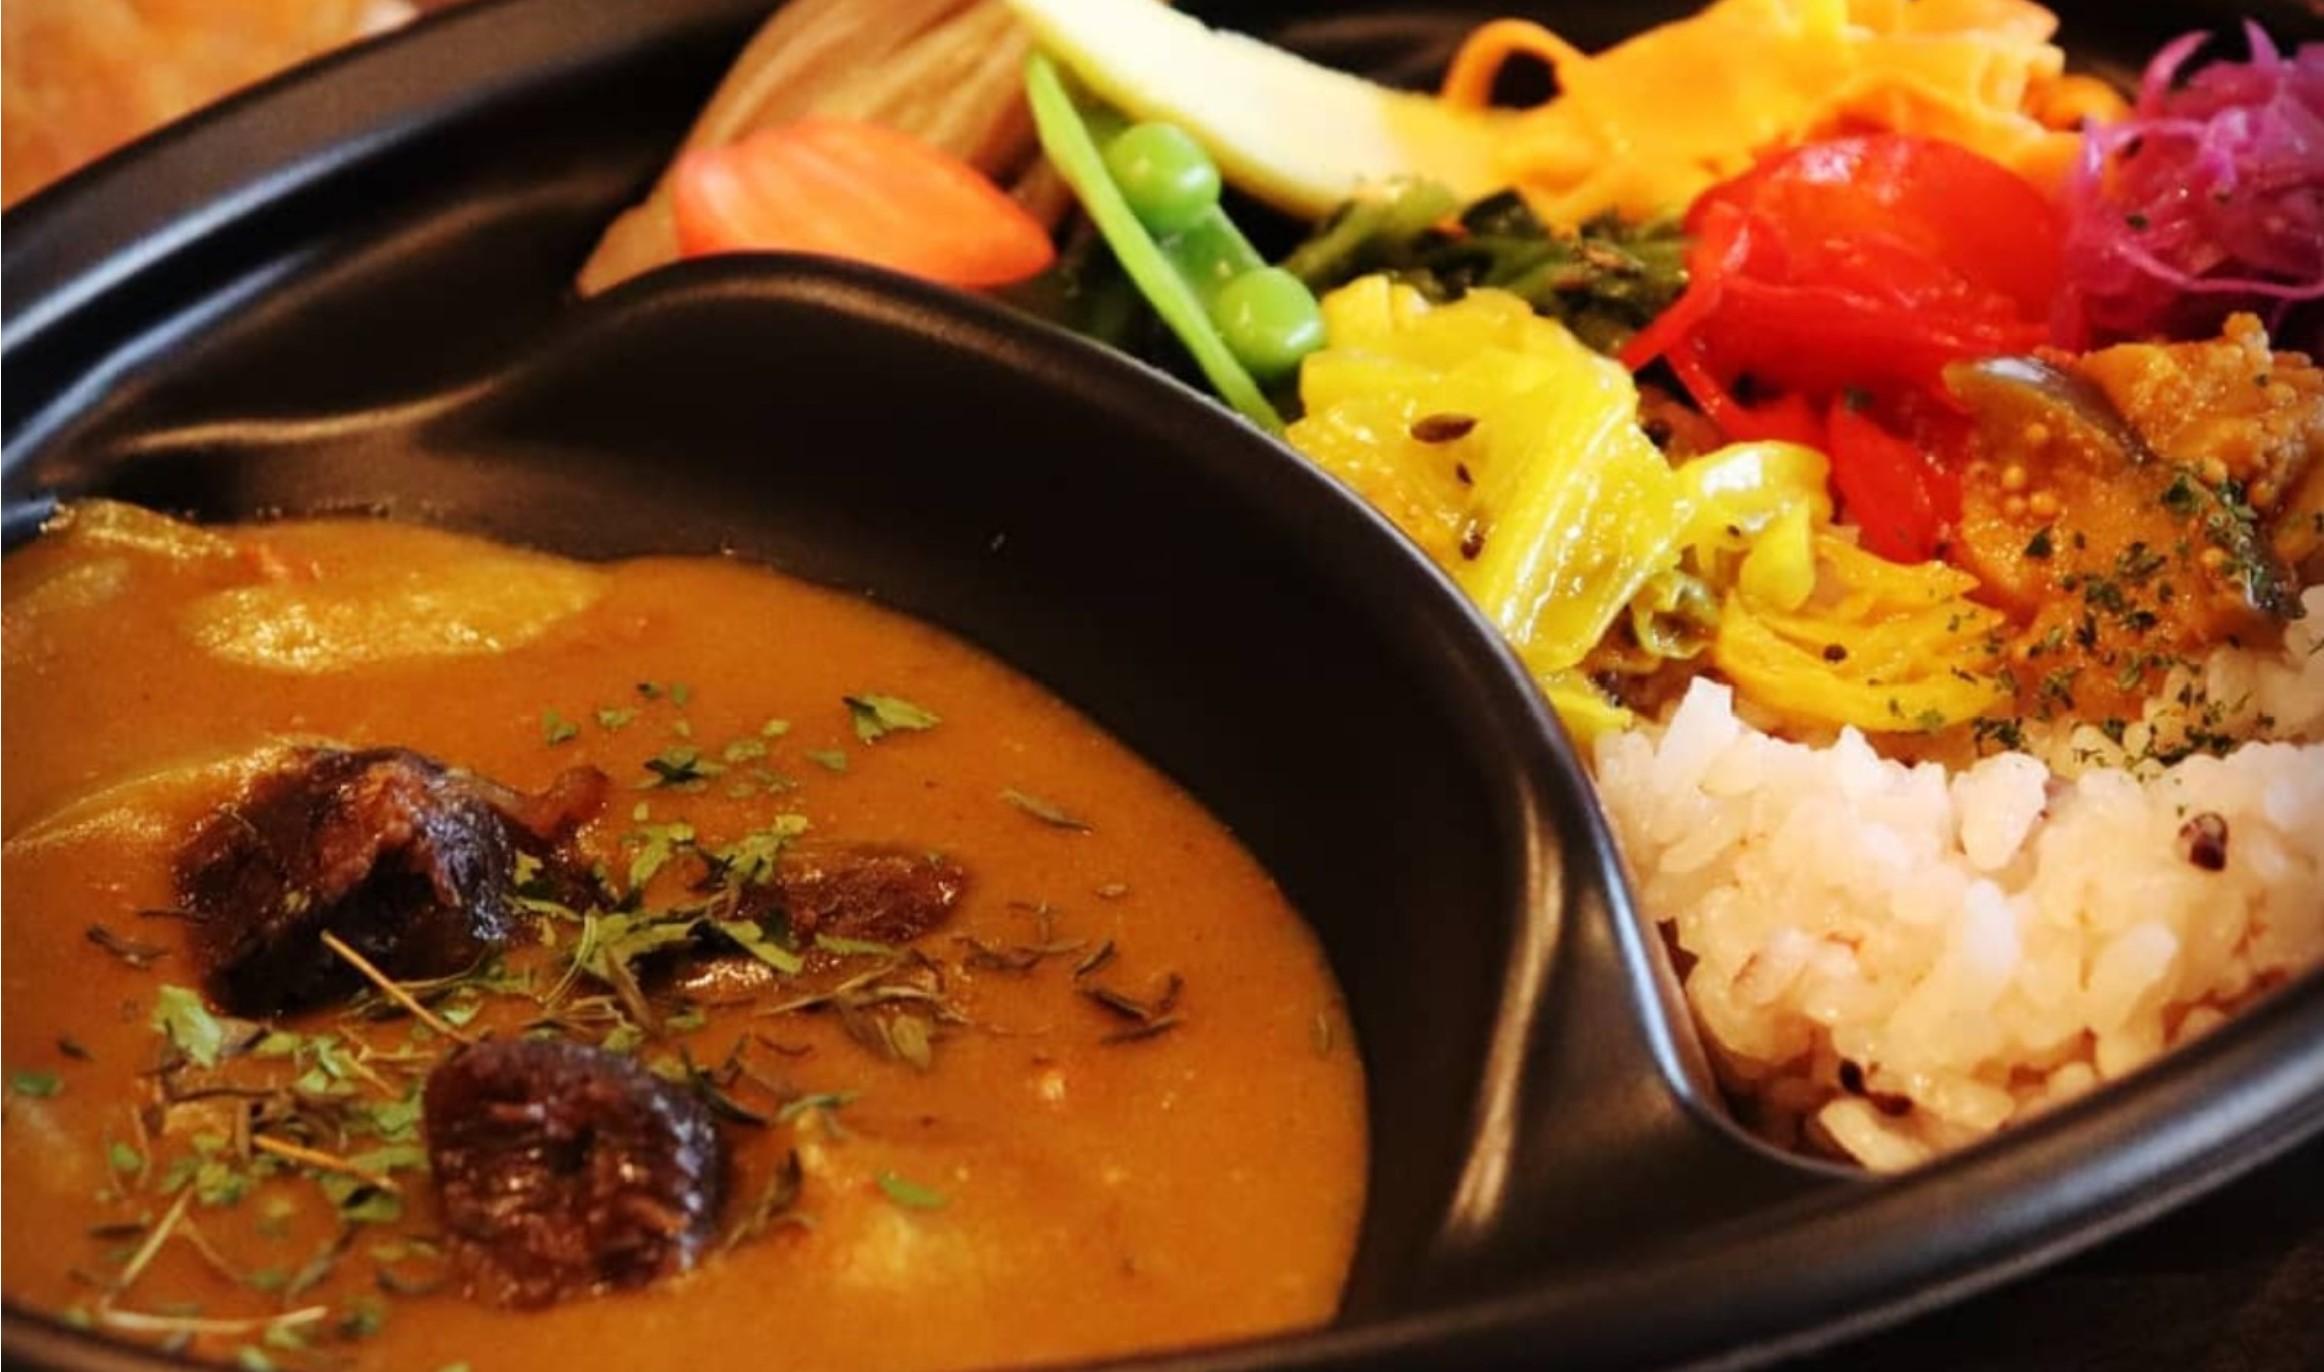 【熊本市北区麻生田】オーガニックレストラン たりとっとのテイクアウト情報!オーガニック&グルテンフリーで体に優しい!